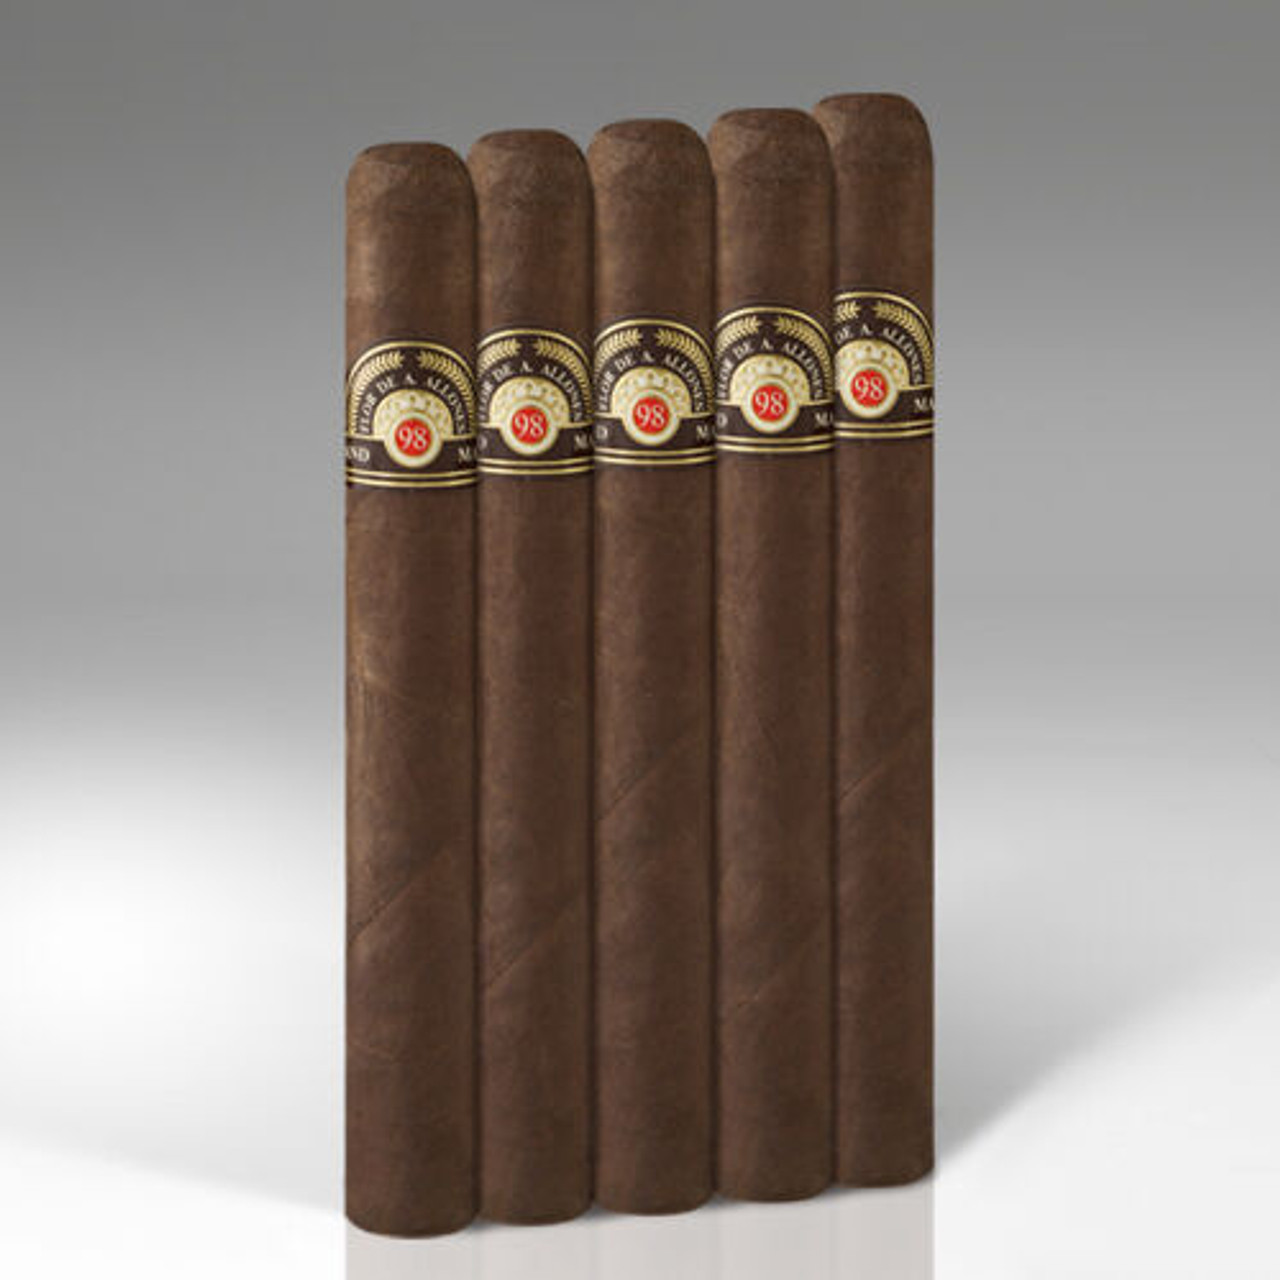 Flor de A. Allones Maximo Cigars - 6.12 x 50 (Pack of 5)